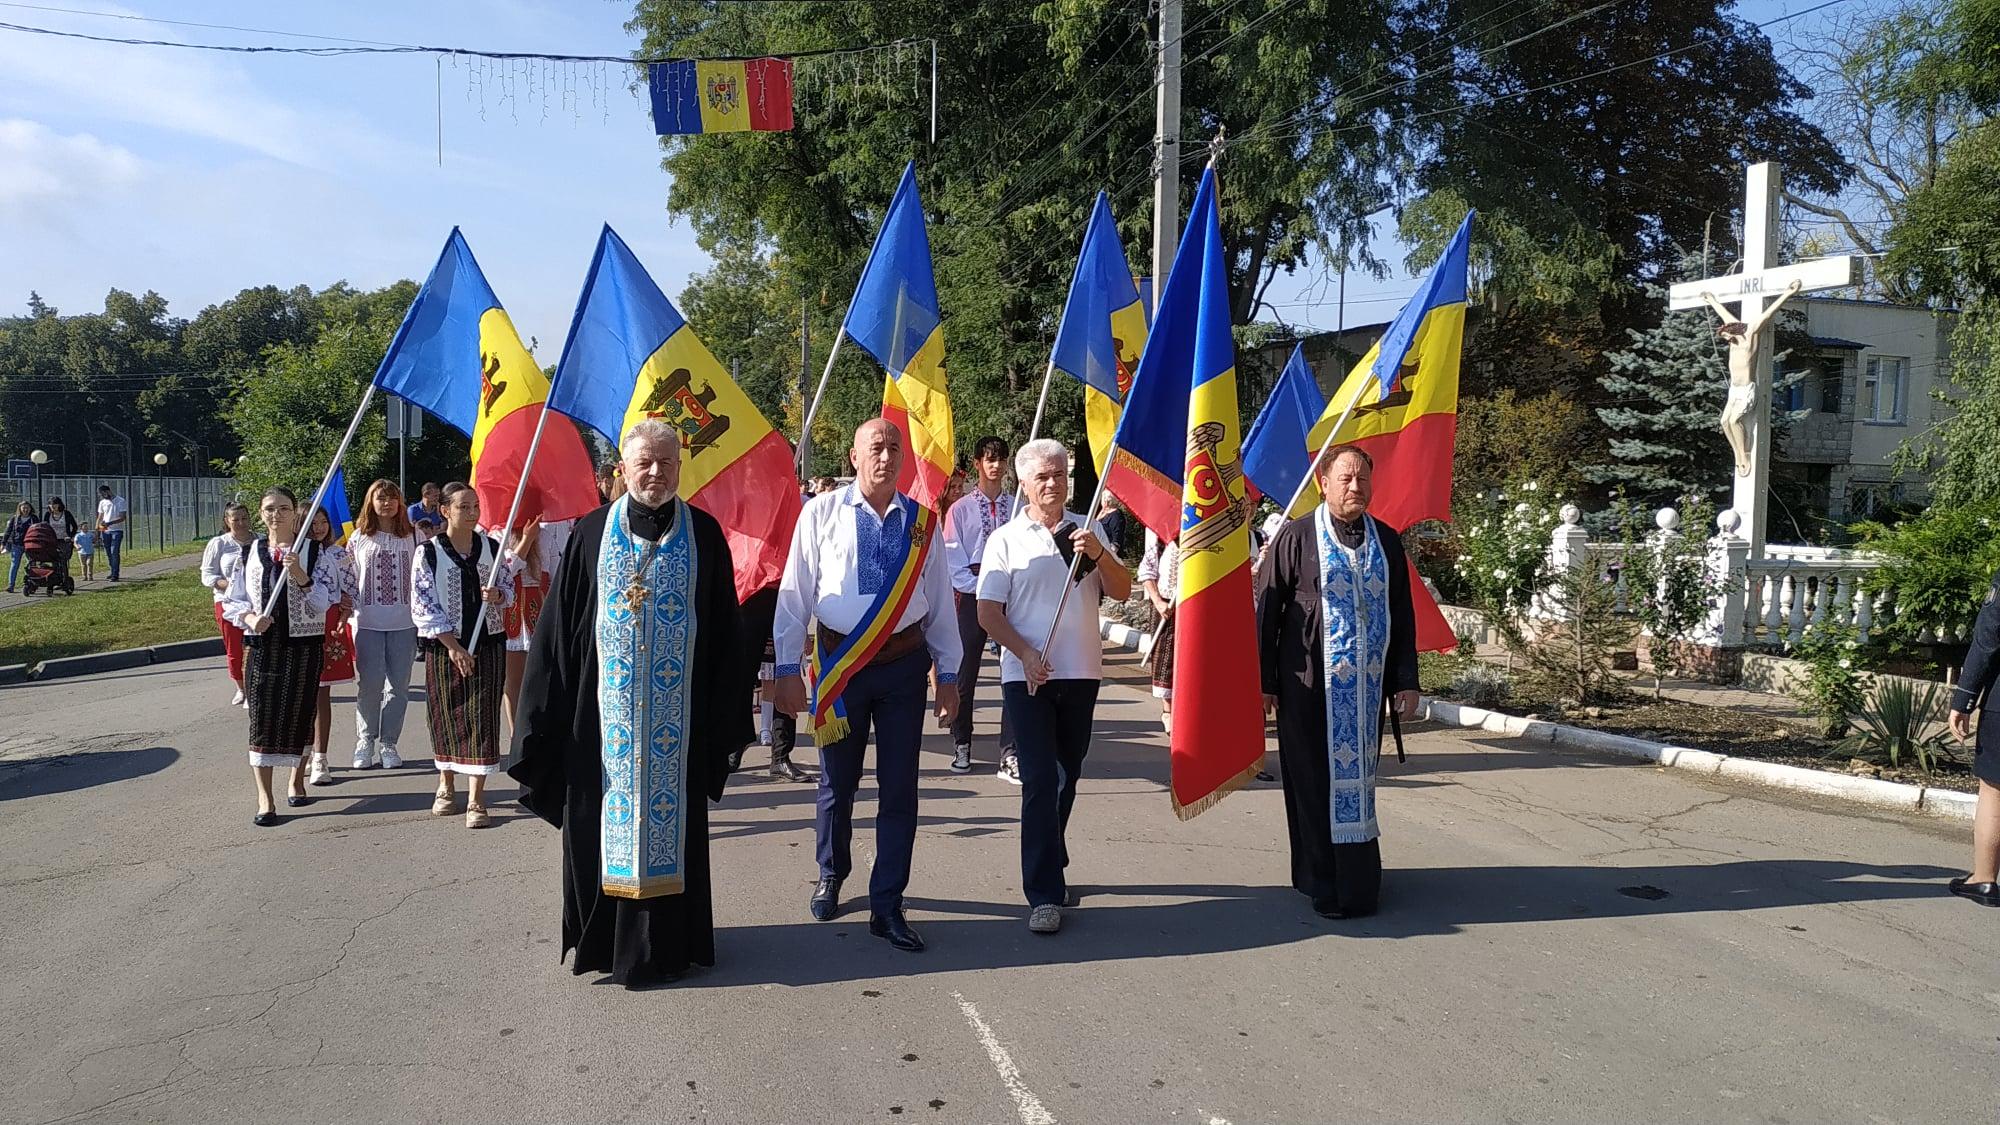 27 August 2021 - Ziua Independenței sărbătorită în comuna Ciorescu!